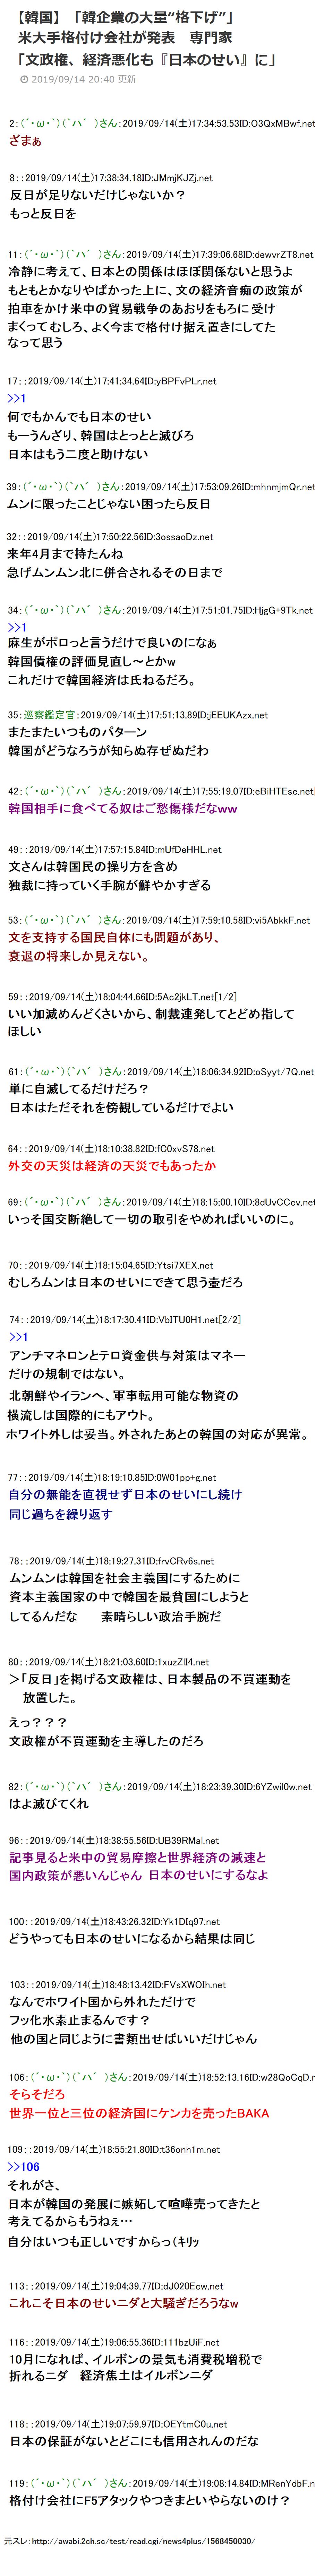 専門家「経済悪化も日本のせいにするブンザイ寅」2